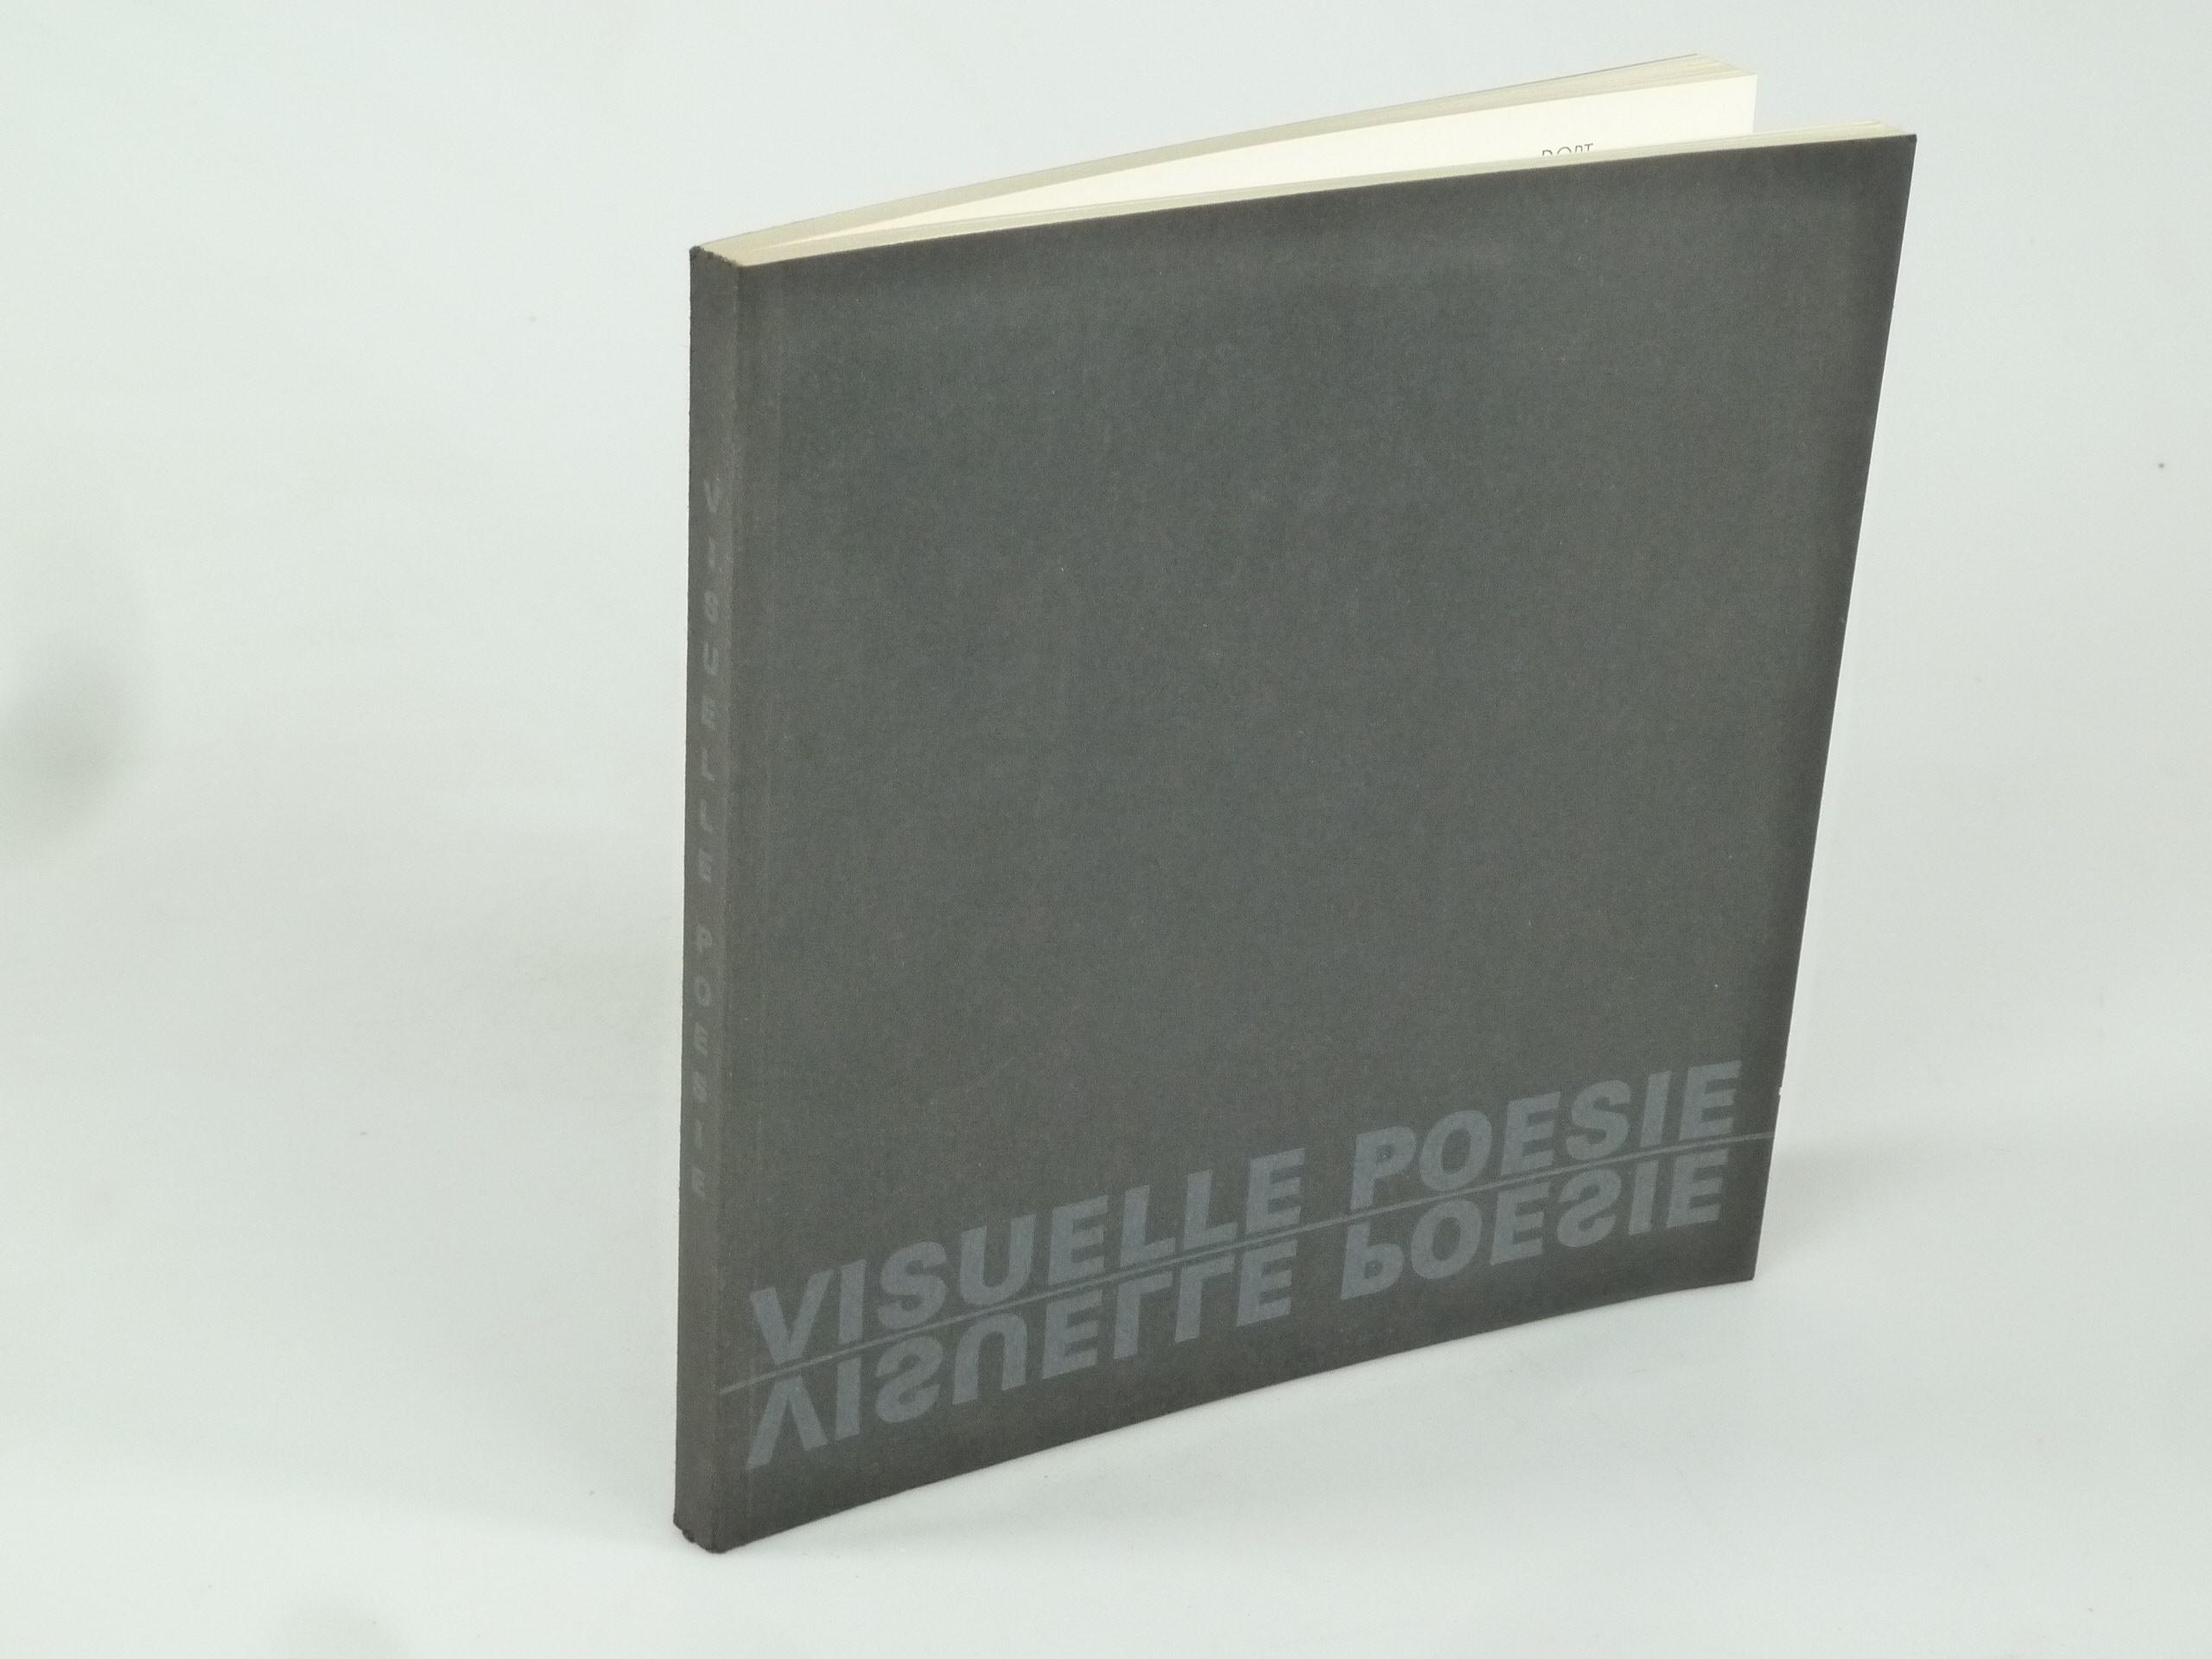 Visuelle Poesie.: HECKMANNS, Friedrich W.